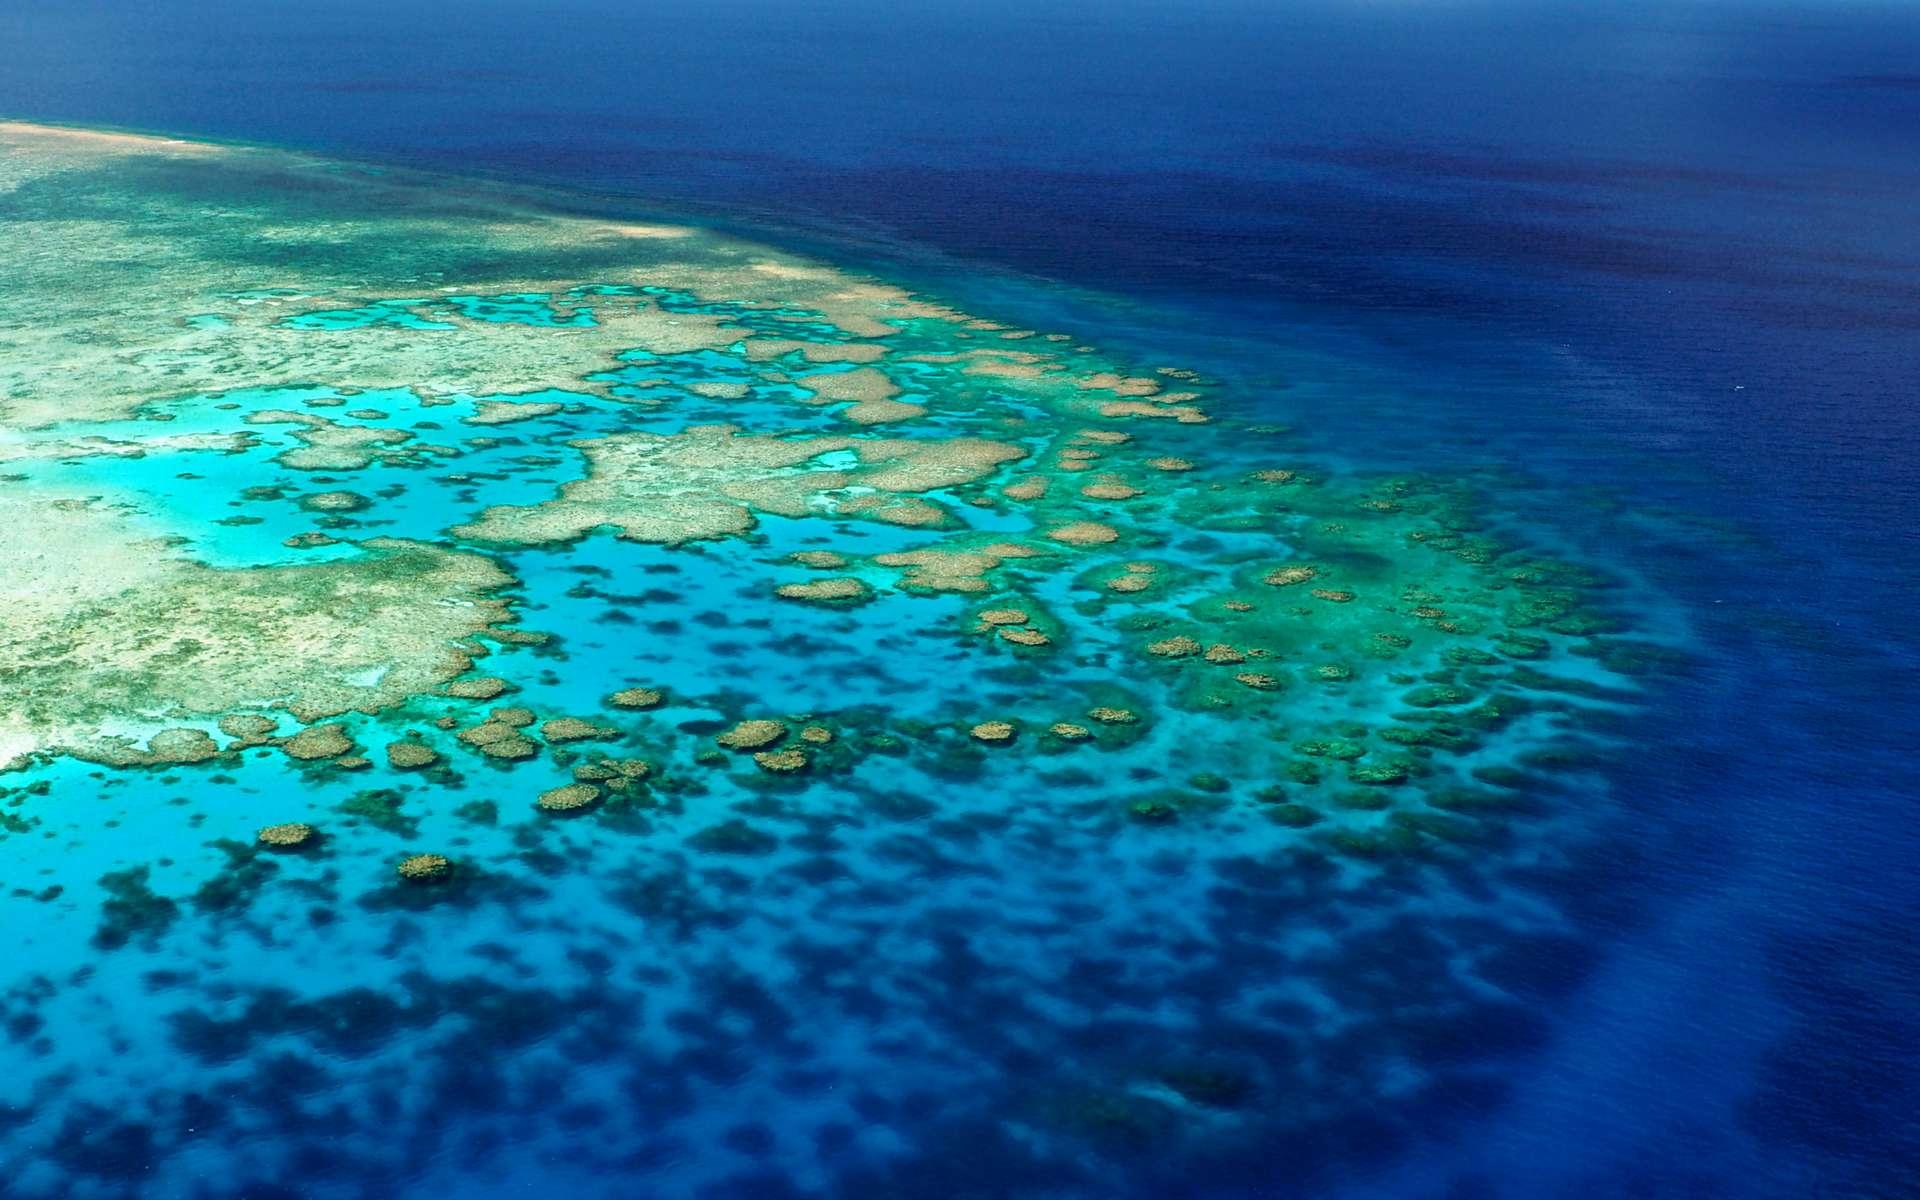 Les coraux peuvent forment des paysages sous-marins visibles à de très longues distances, comme ici au niveau de la Grande Barrière de corail australienne. © Coral_Brunner, Adobe Stock